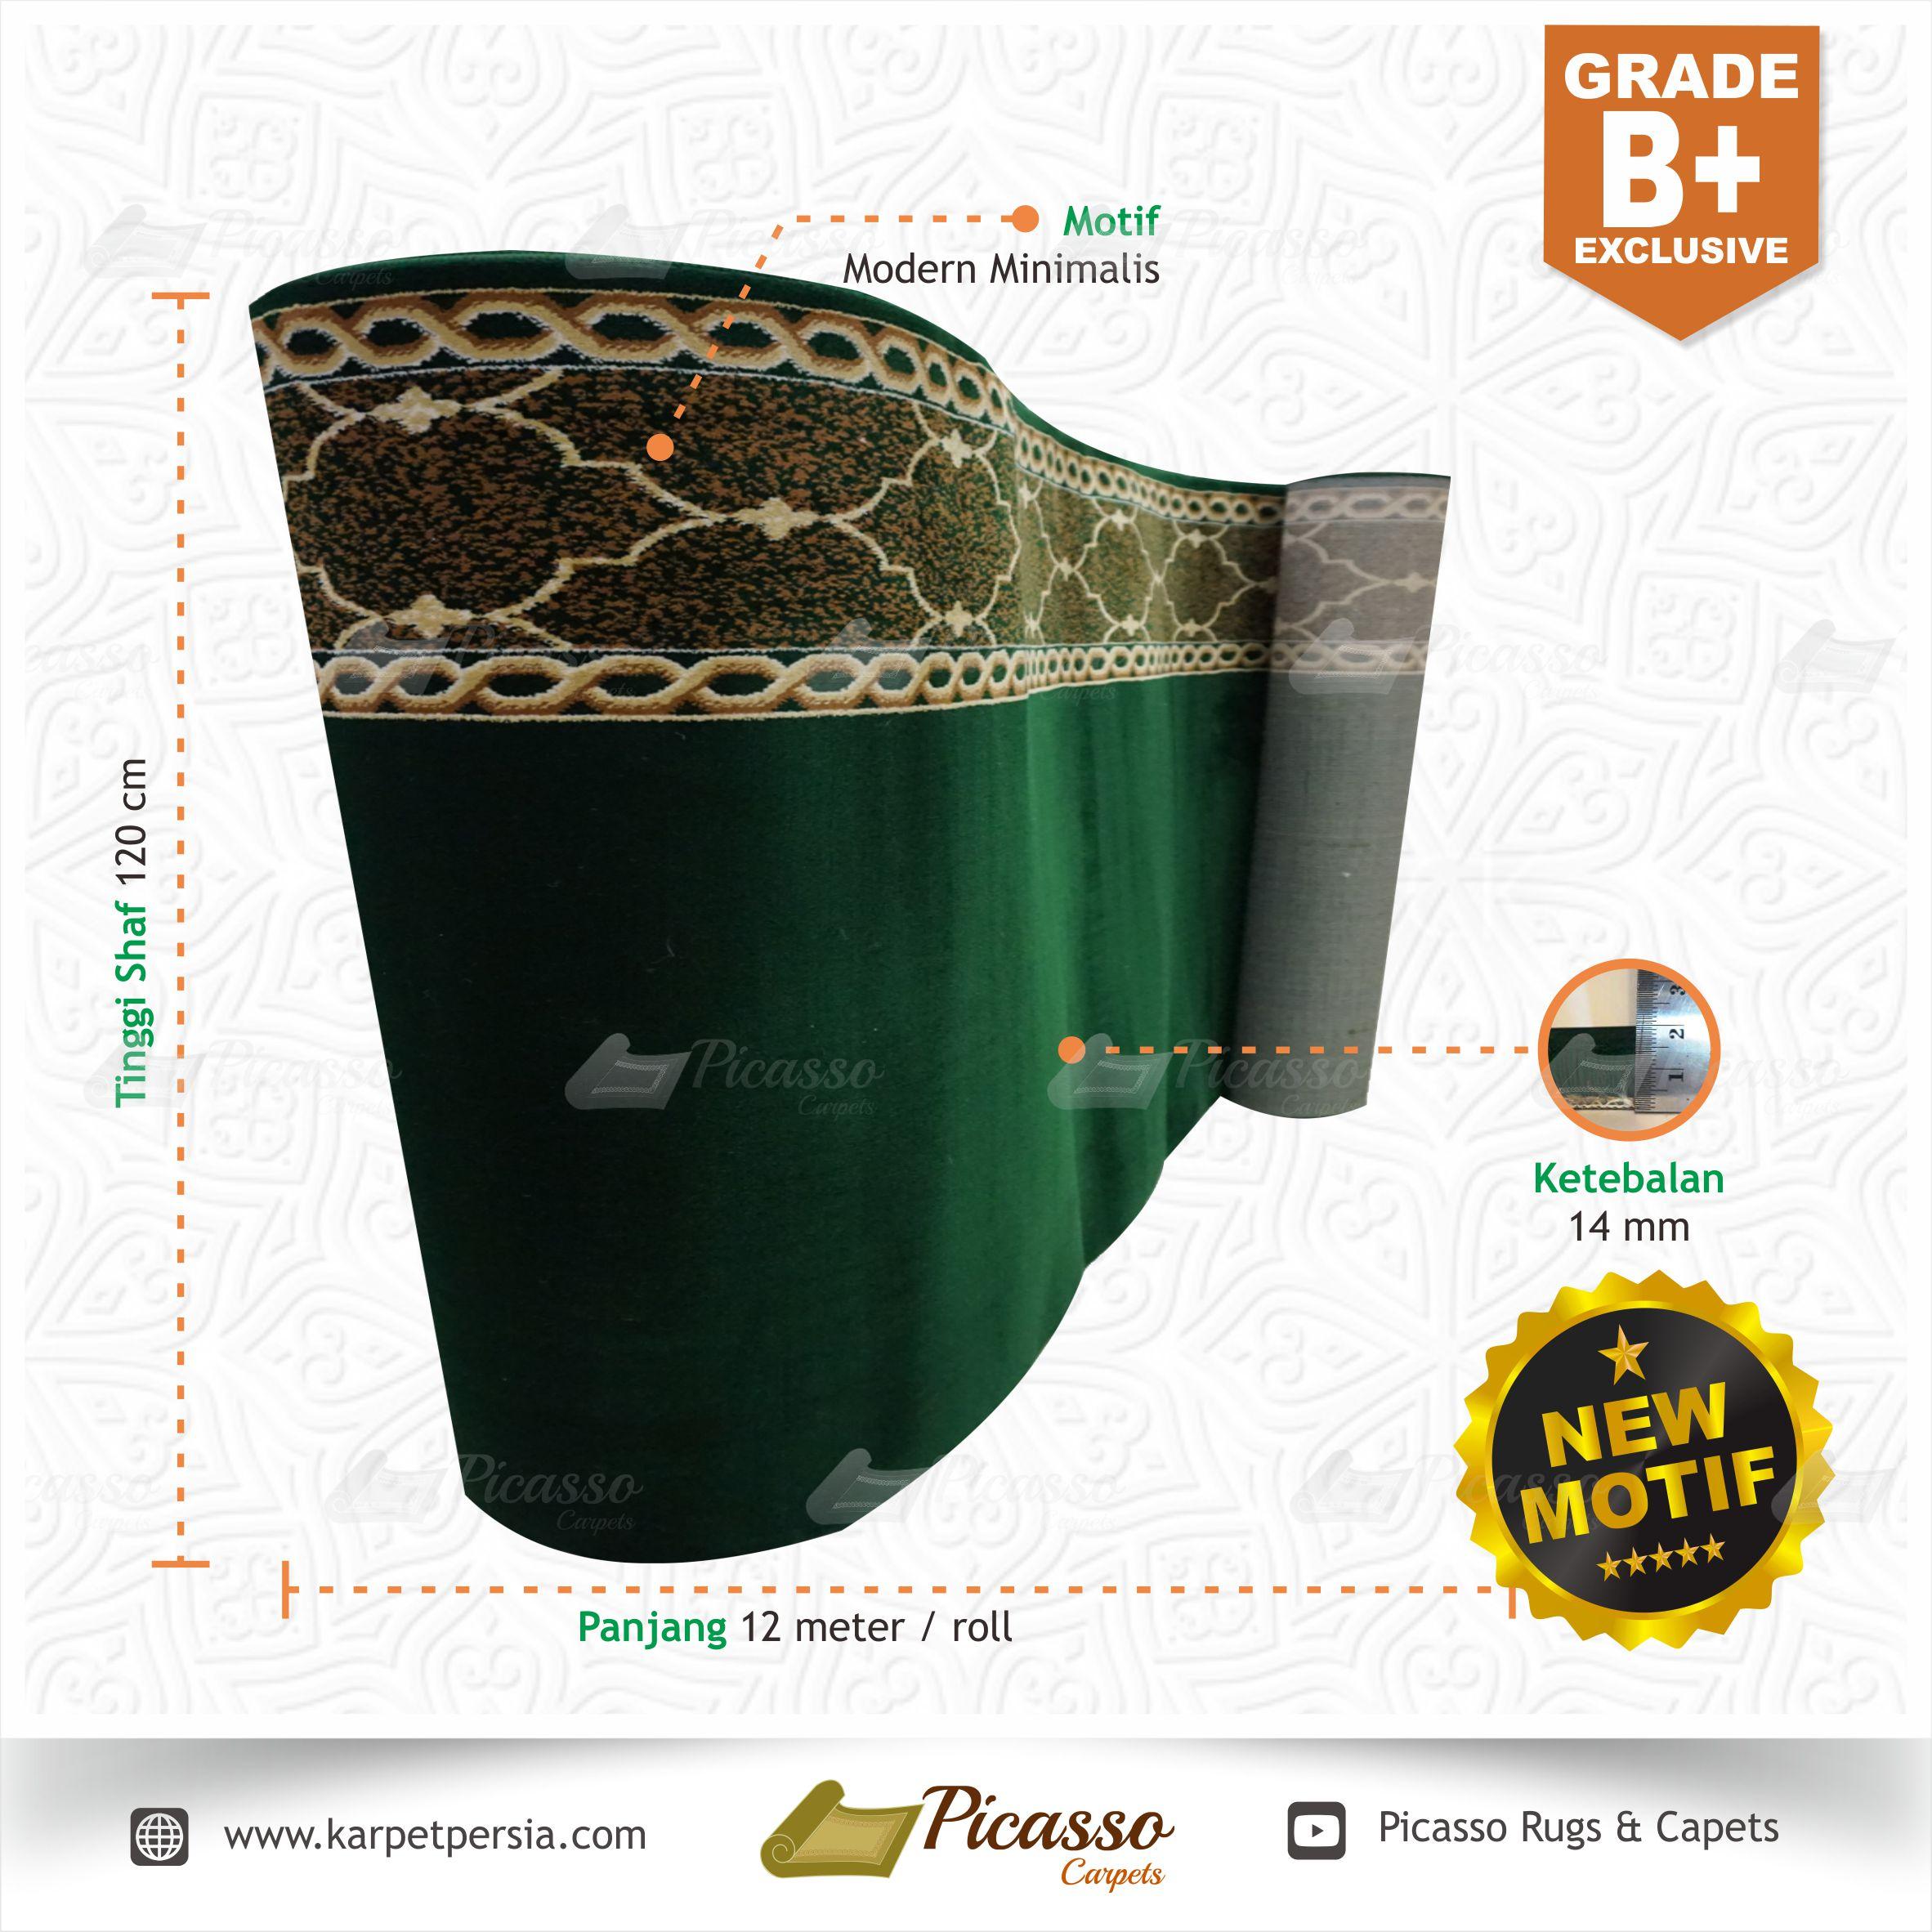 Karpet Masjid Grade B+ Exclusive (2)